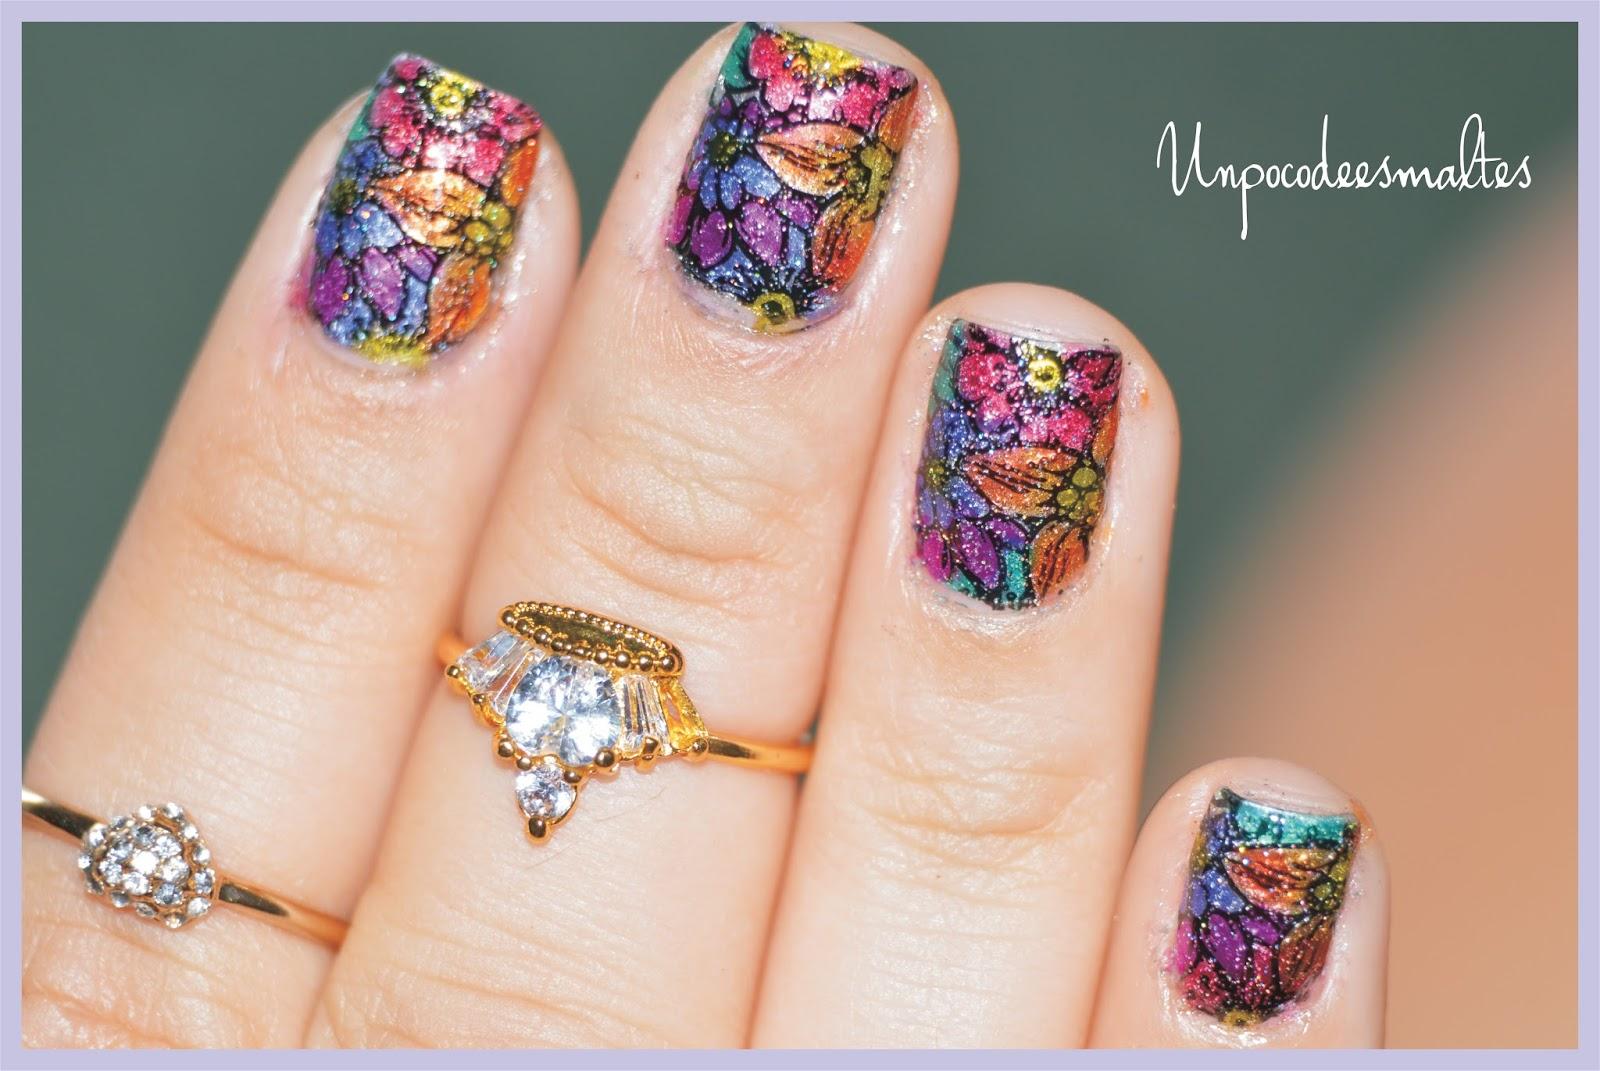 Un poco de esmaltes: Leadlight nail art